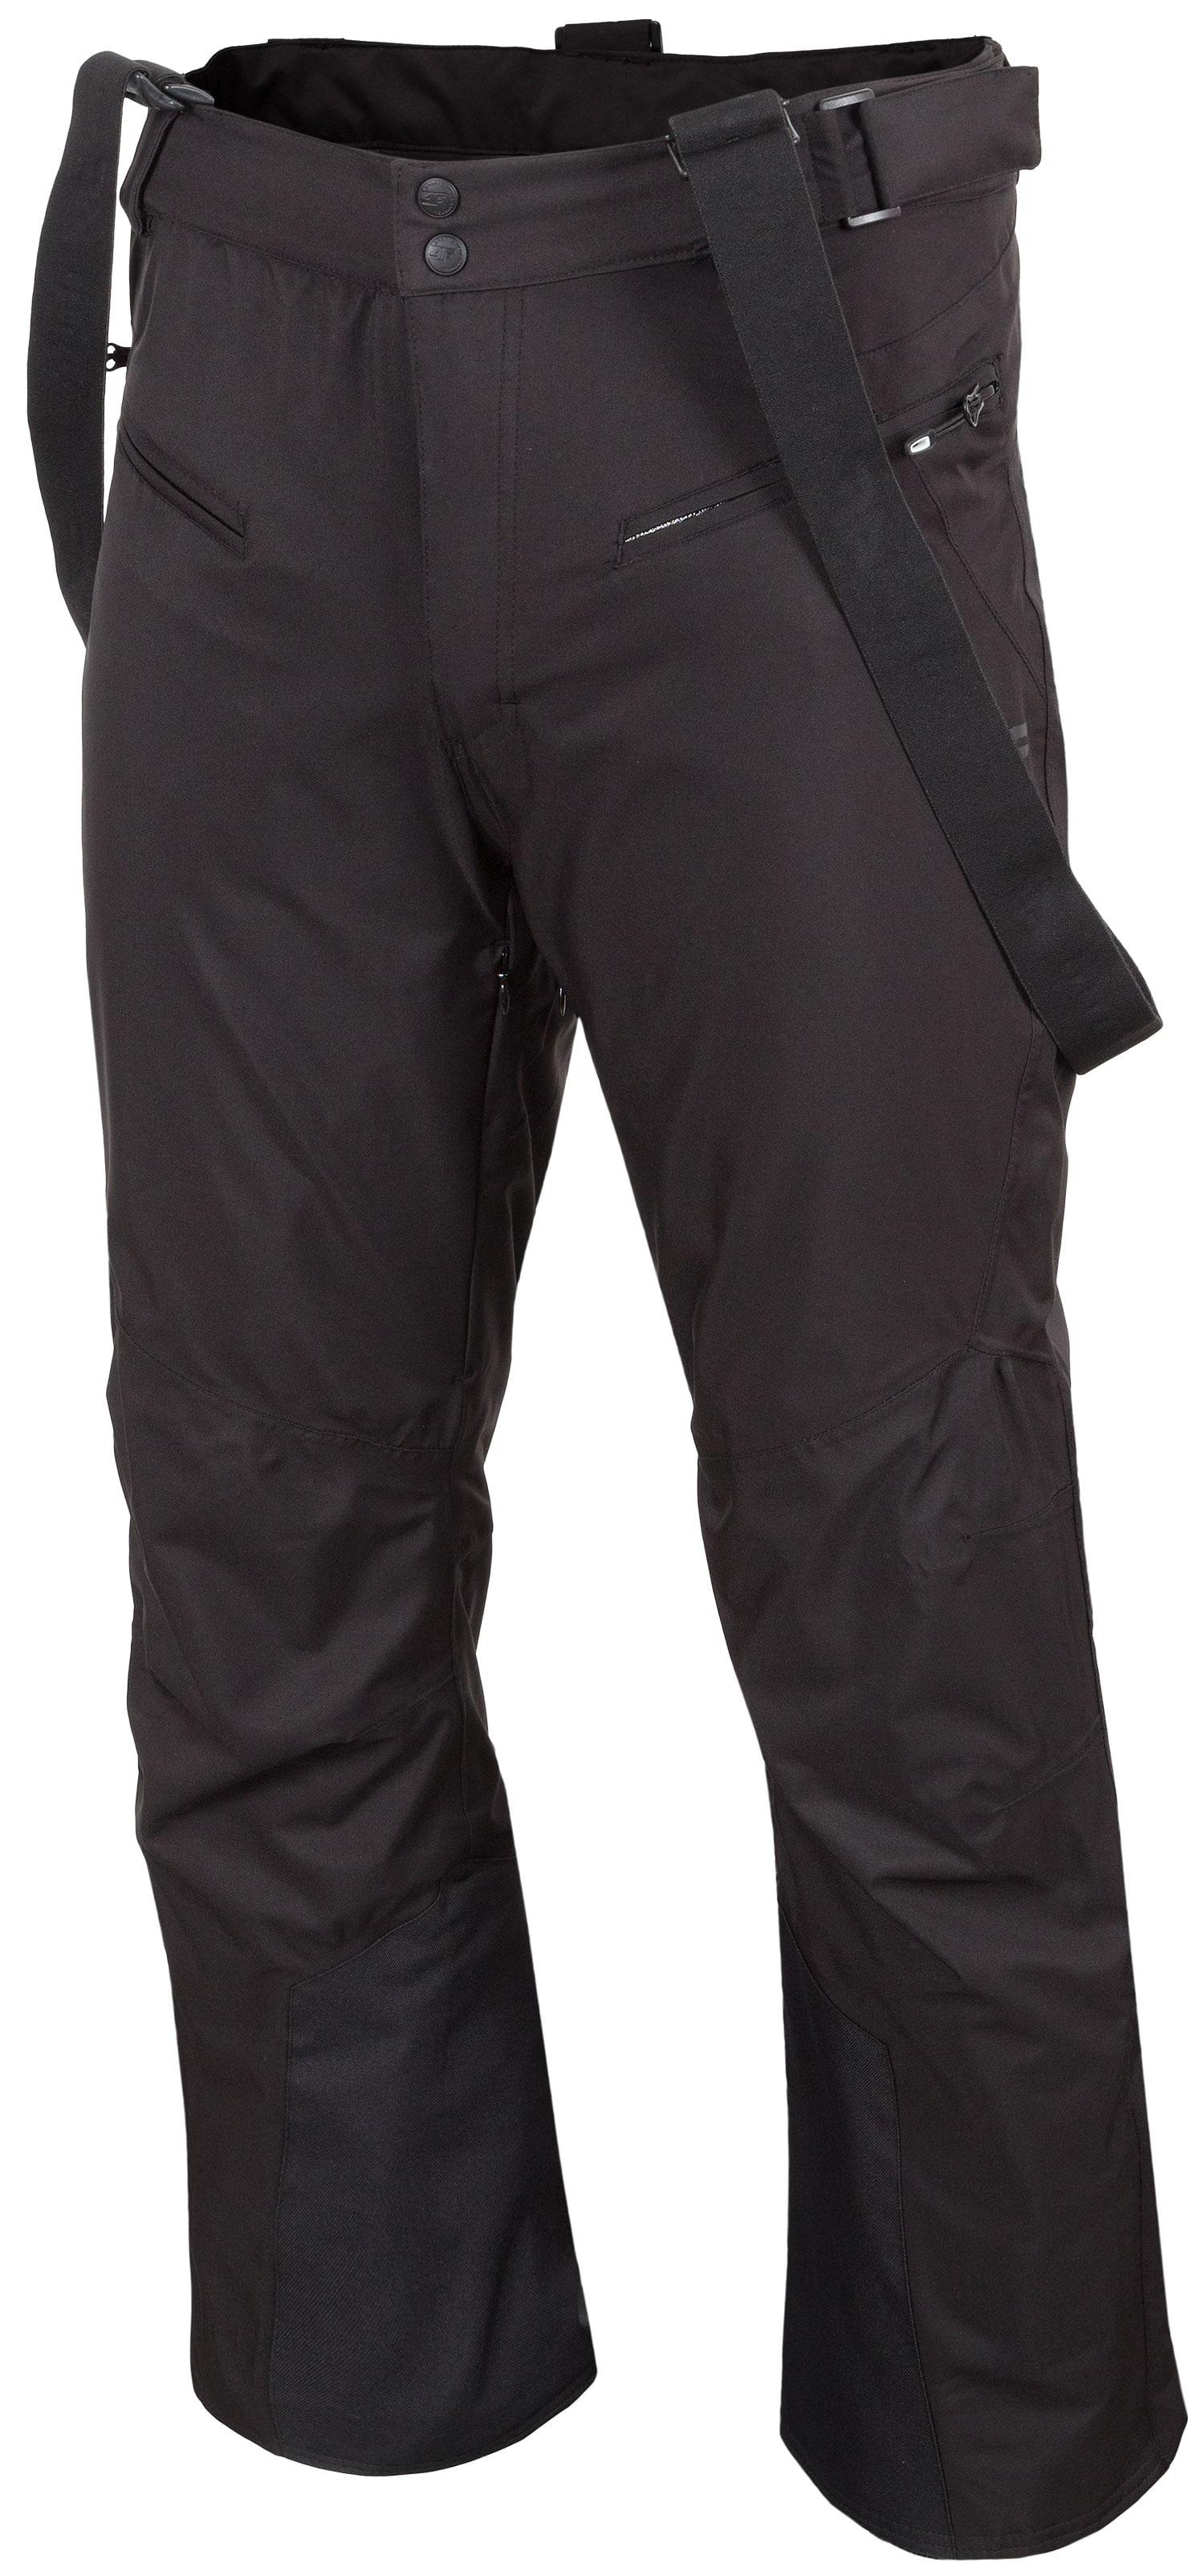 a2afa3ac3 Spodnie narciarskie męskie SPMN251 - głęboka czerń